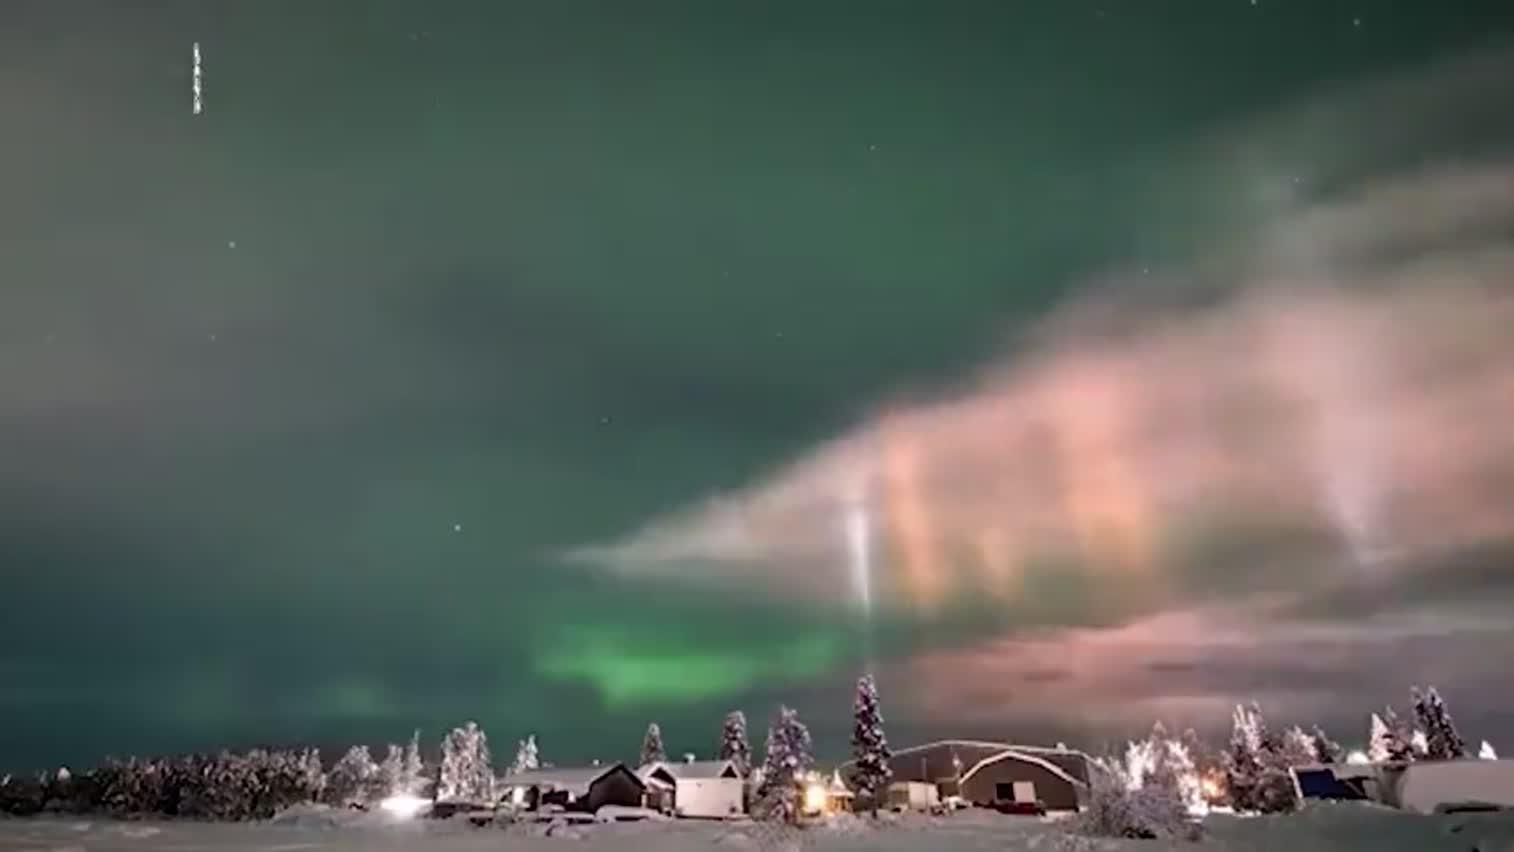 视频-梦幻场景!摄影师瑞典拍到寒夜灯柱